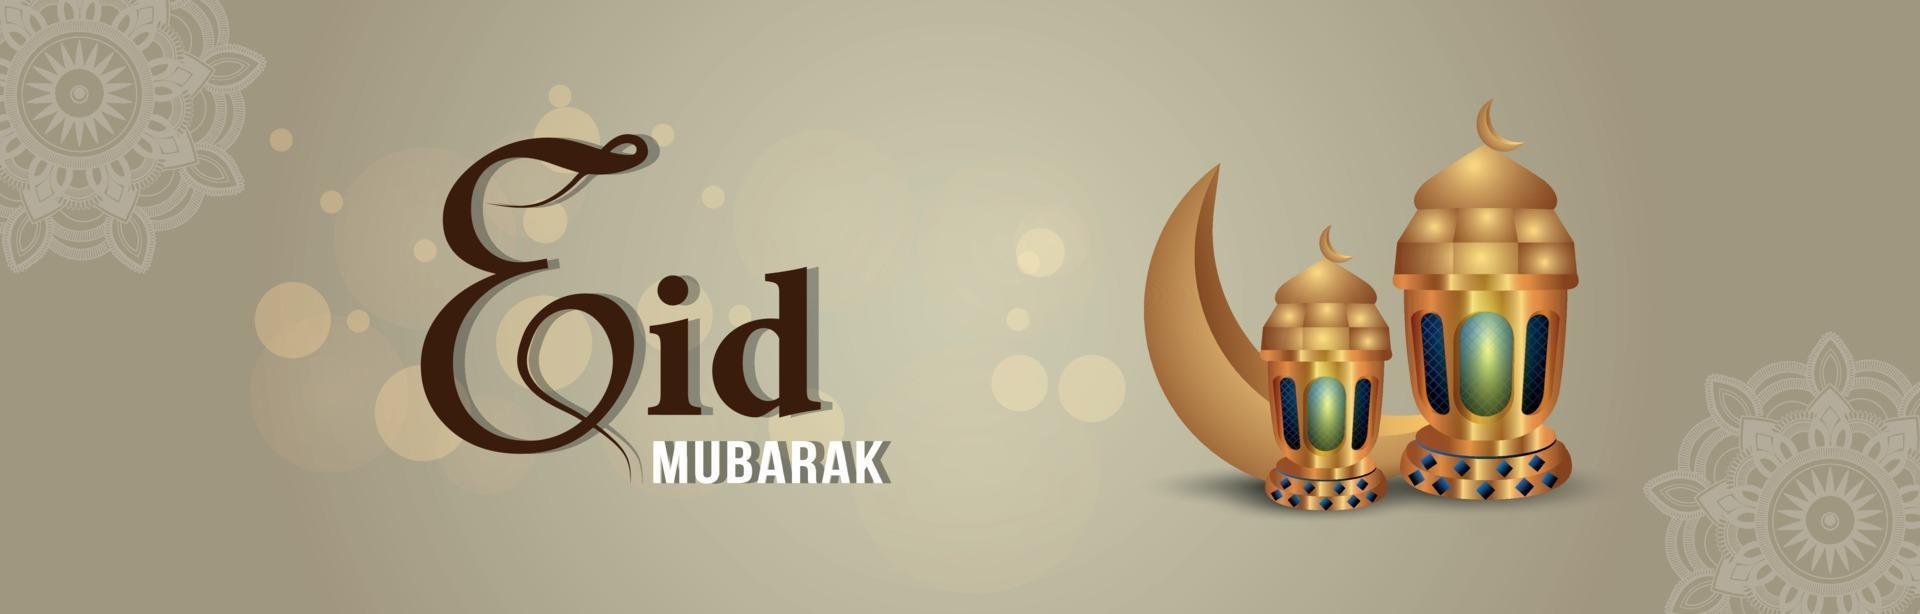 banner di invito realistico eid mubarak con lanterna dorata e luna sullo sfondo del modello vettore